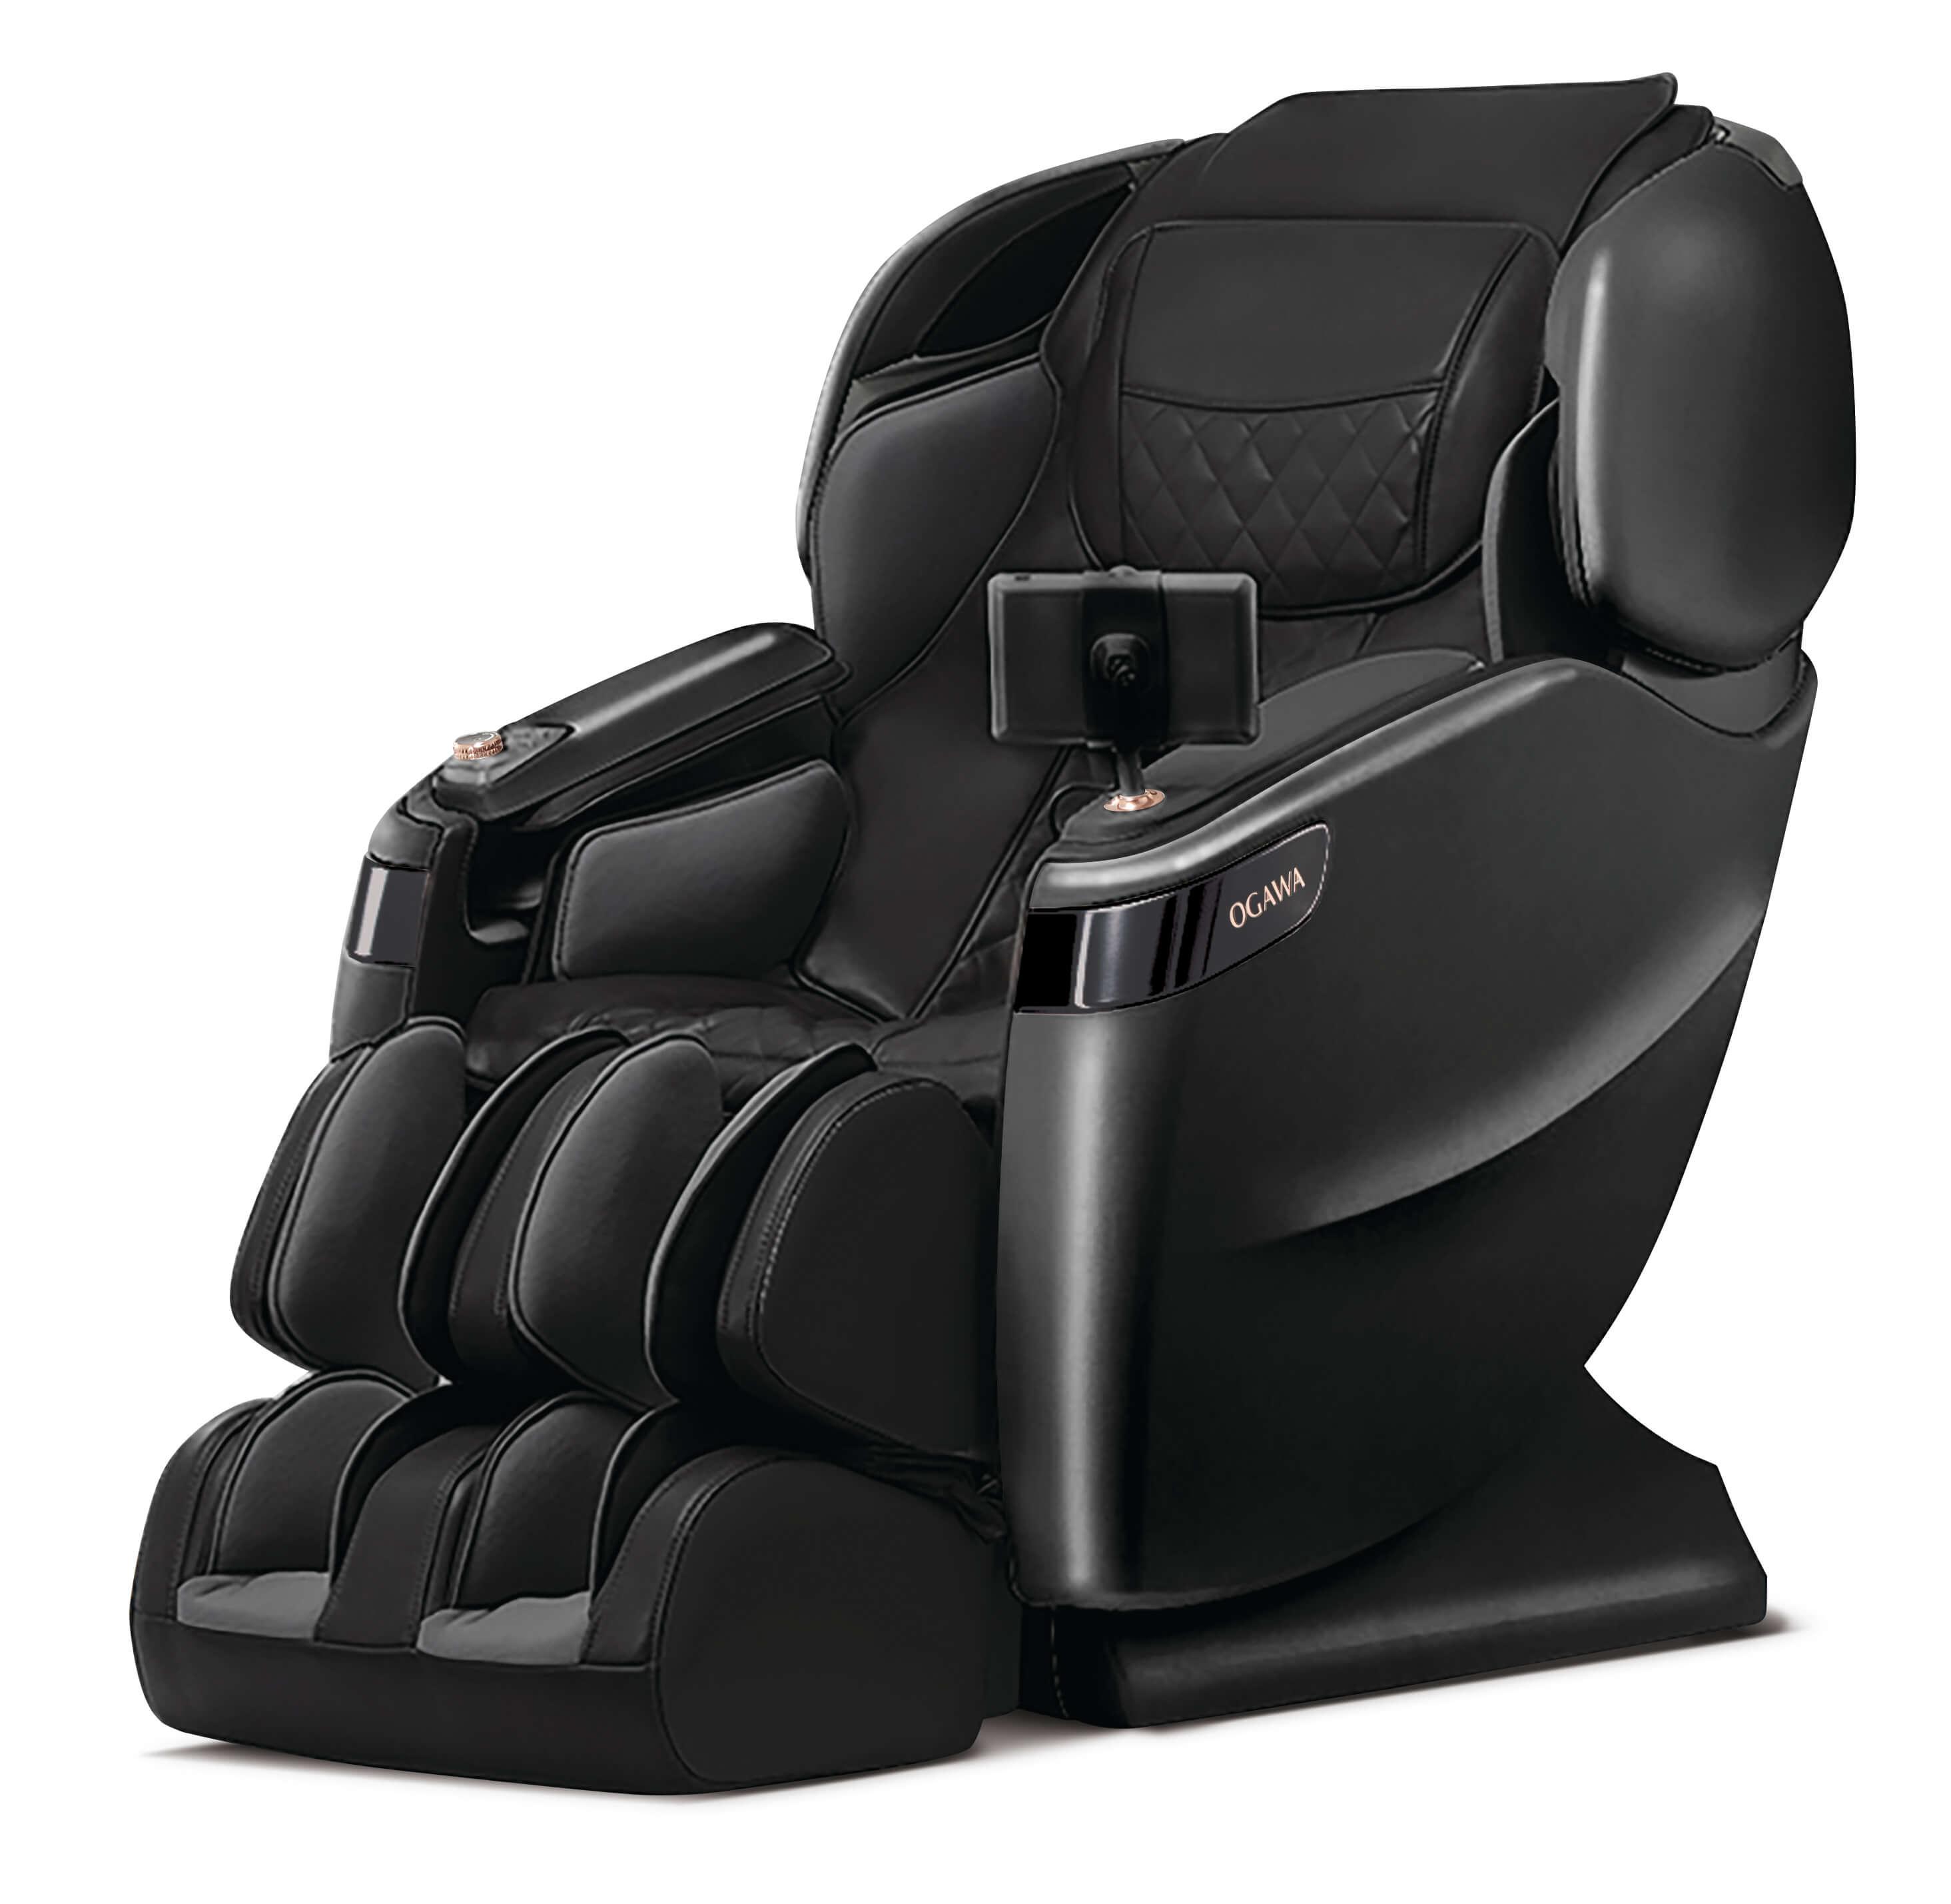 Massagesessel-kaufen-OGAWA-Master-Drive-schwarz